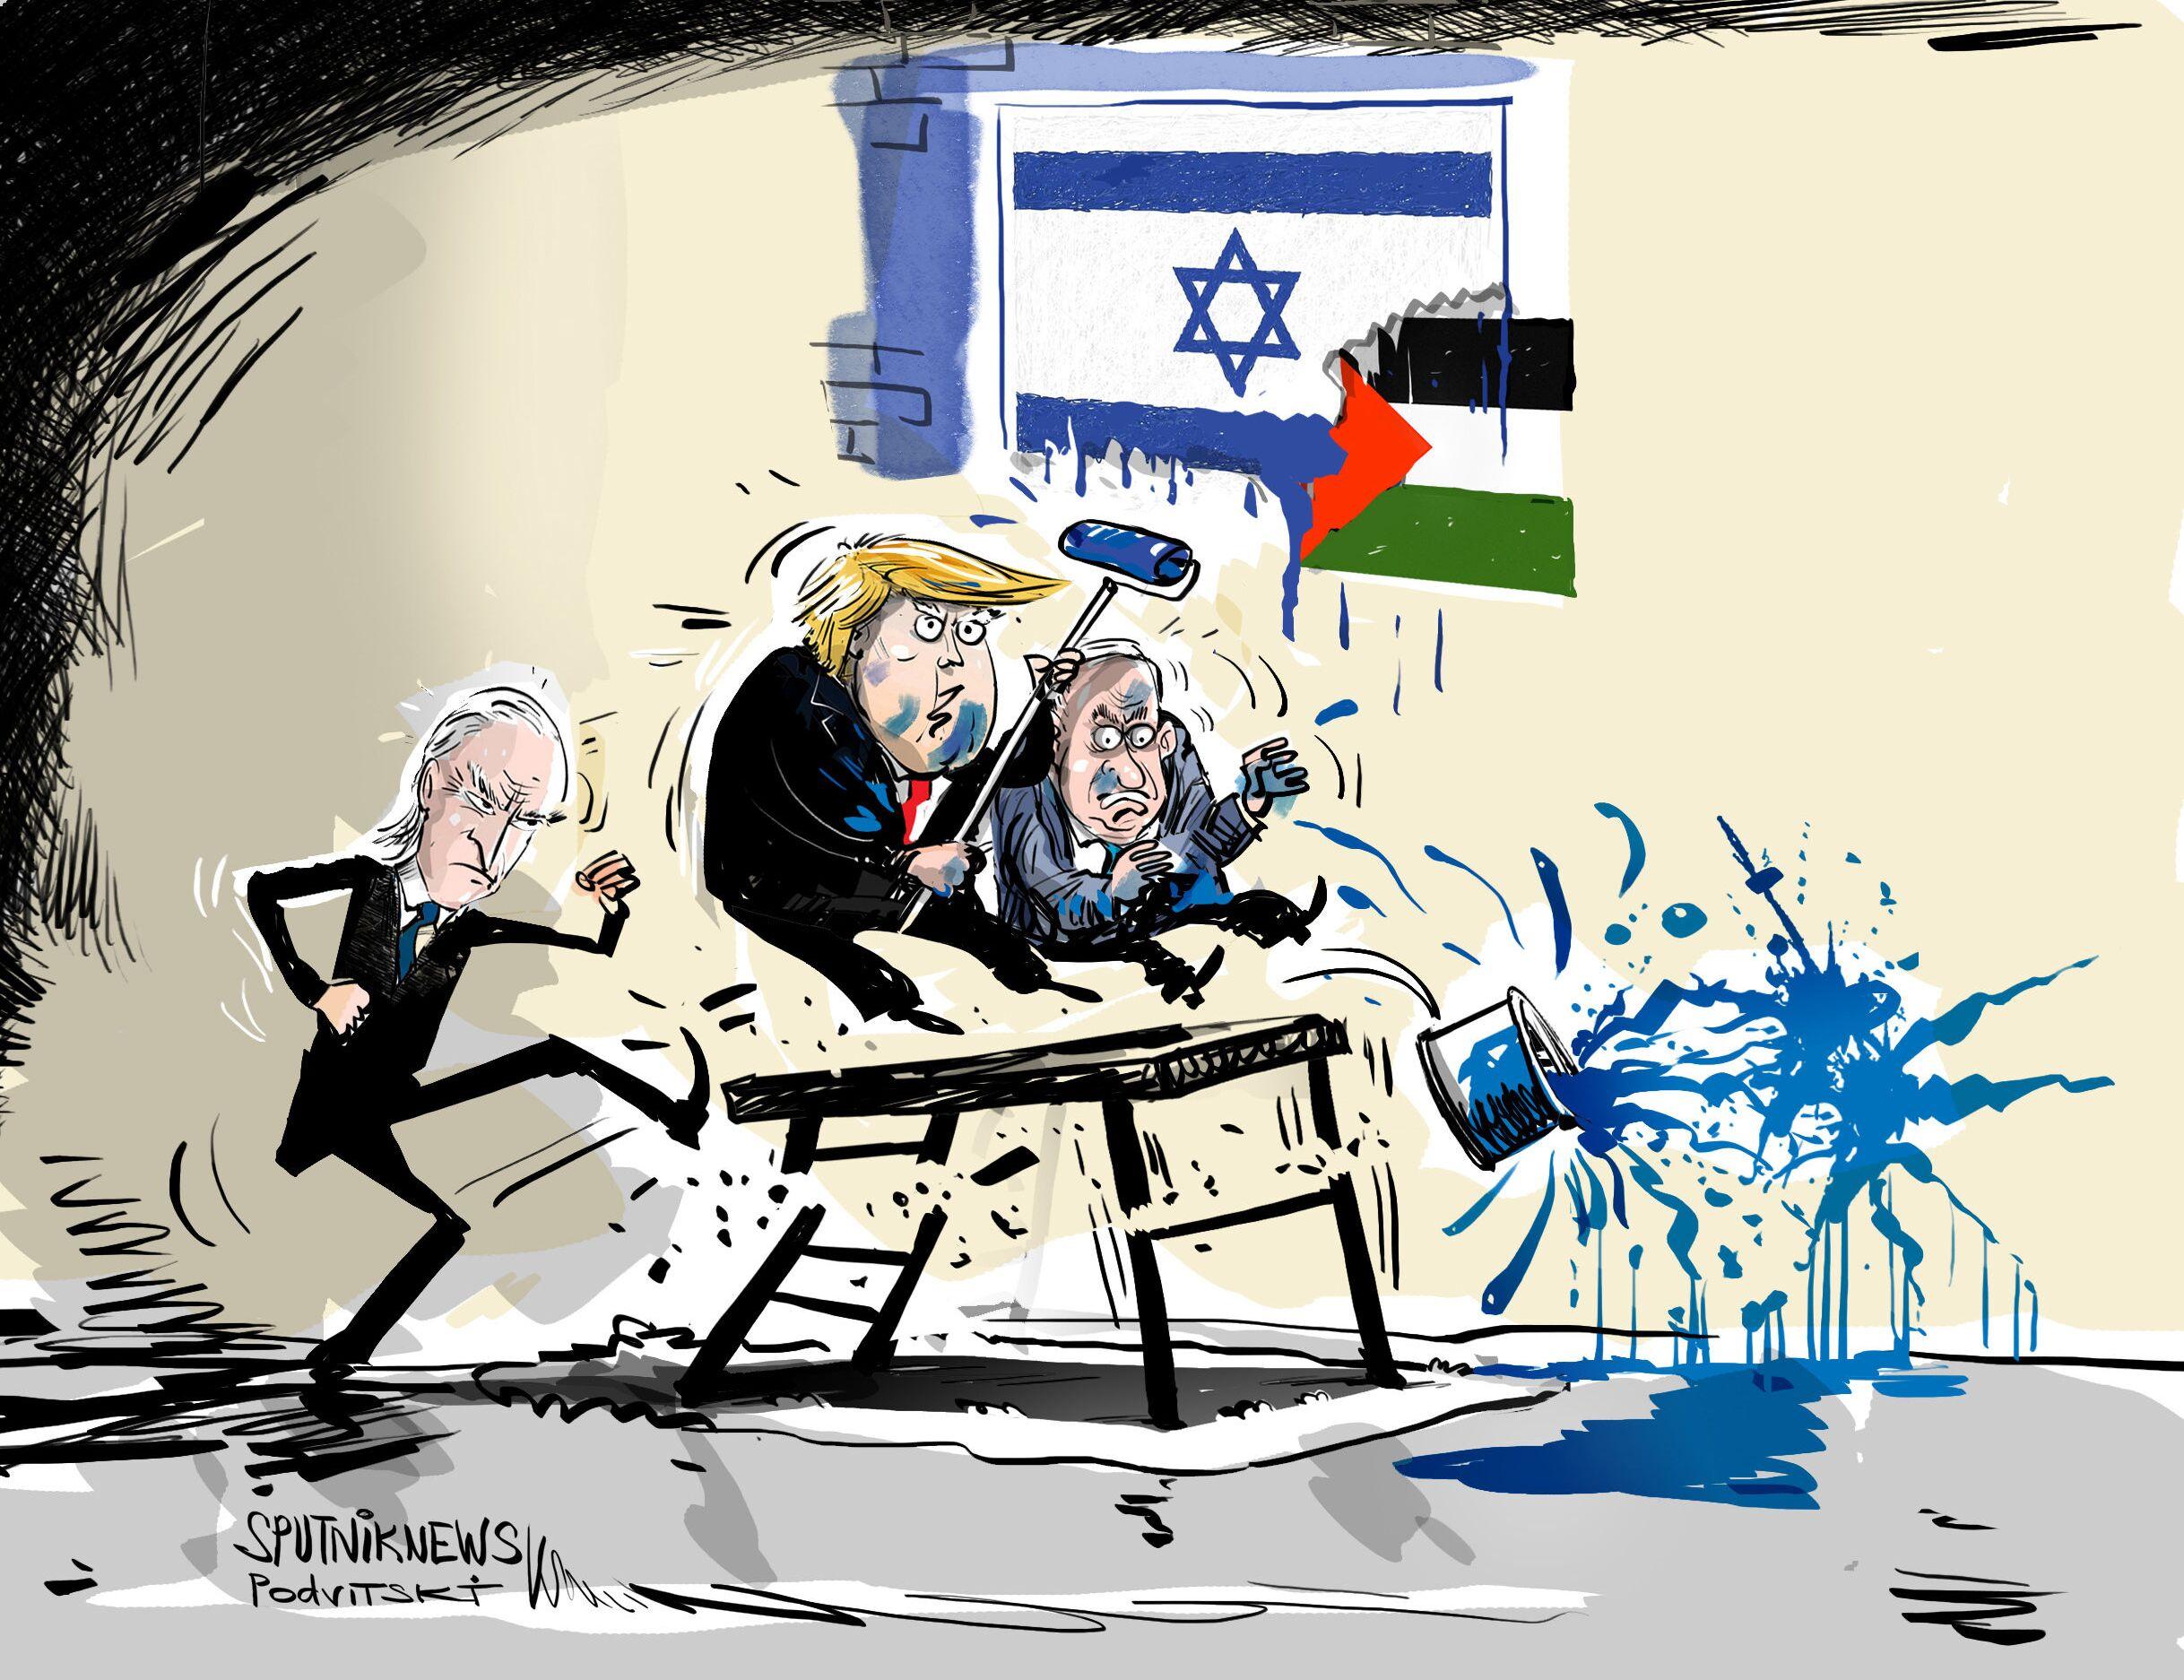 خلافا لترامب.. بايدن يعترف بالاحتلال الاسرائيلي للضفة الغربية